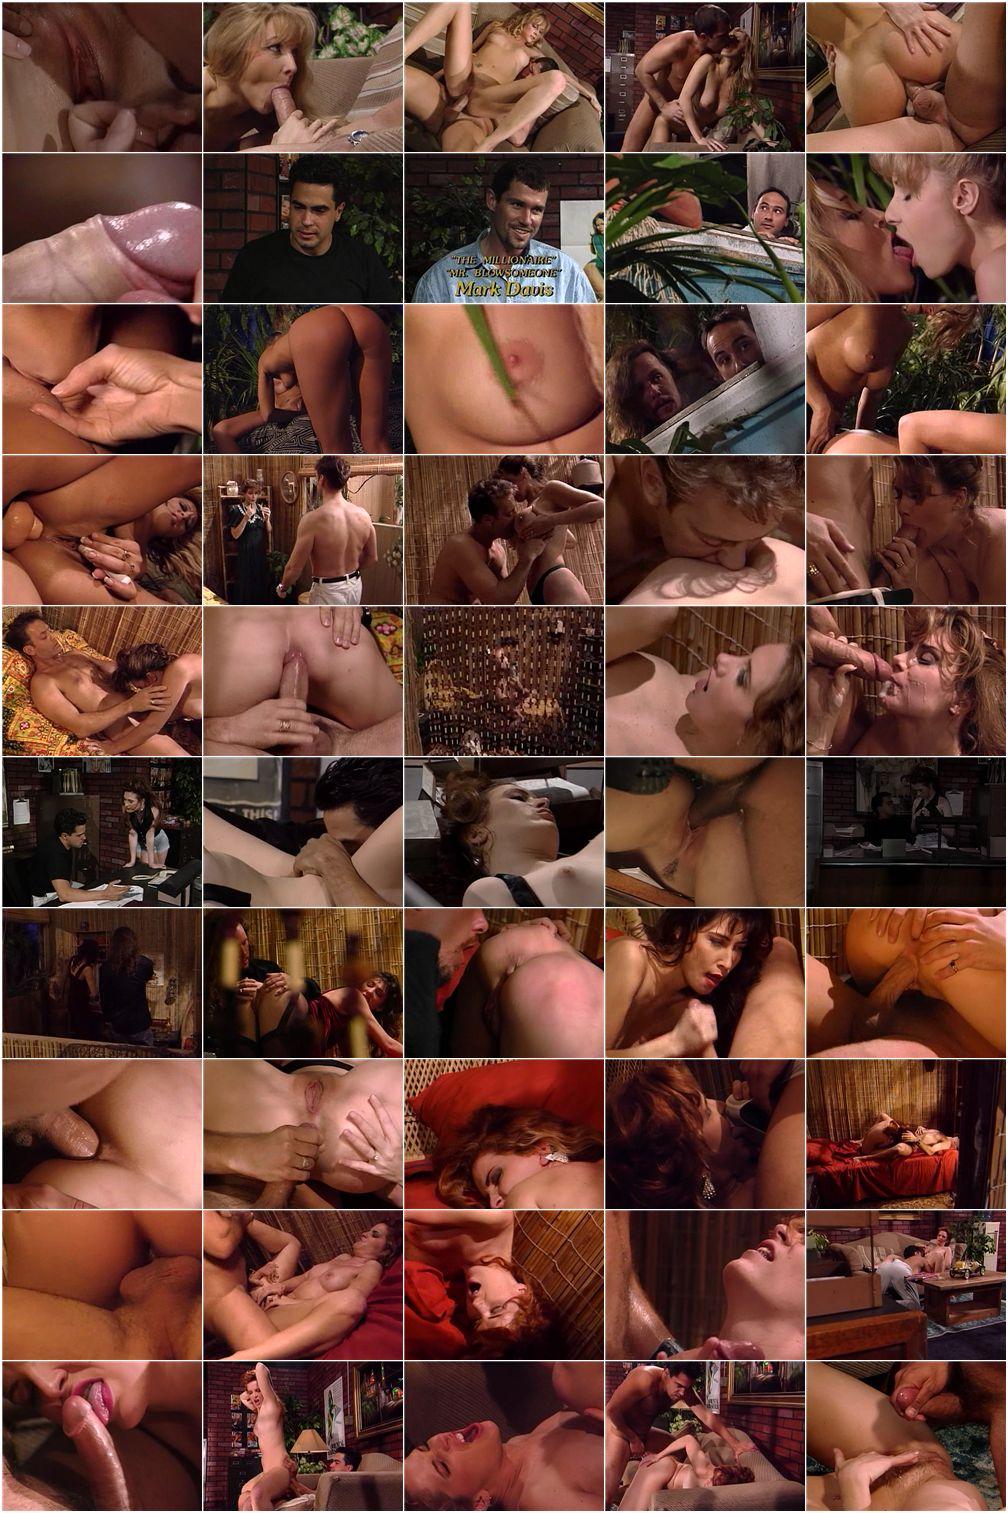 otkritie-porno-filmi